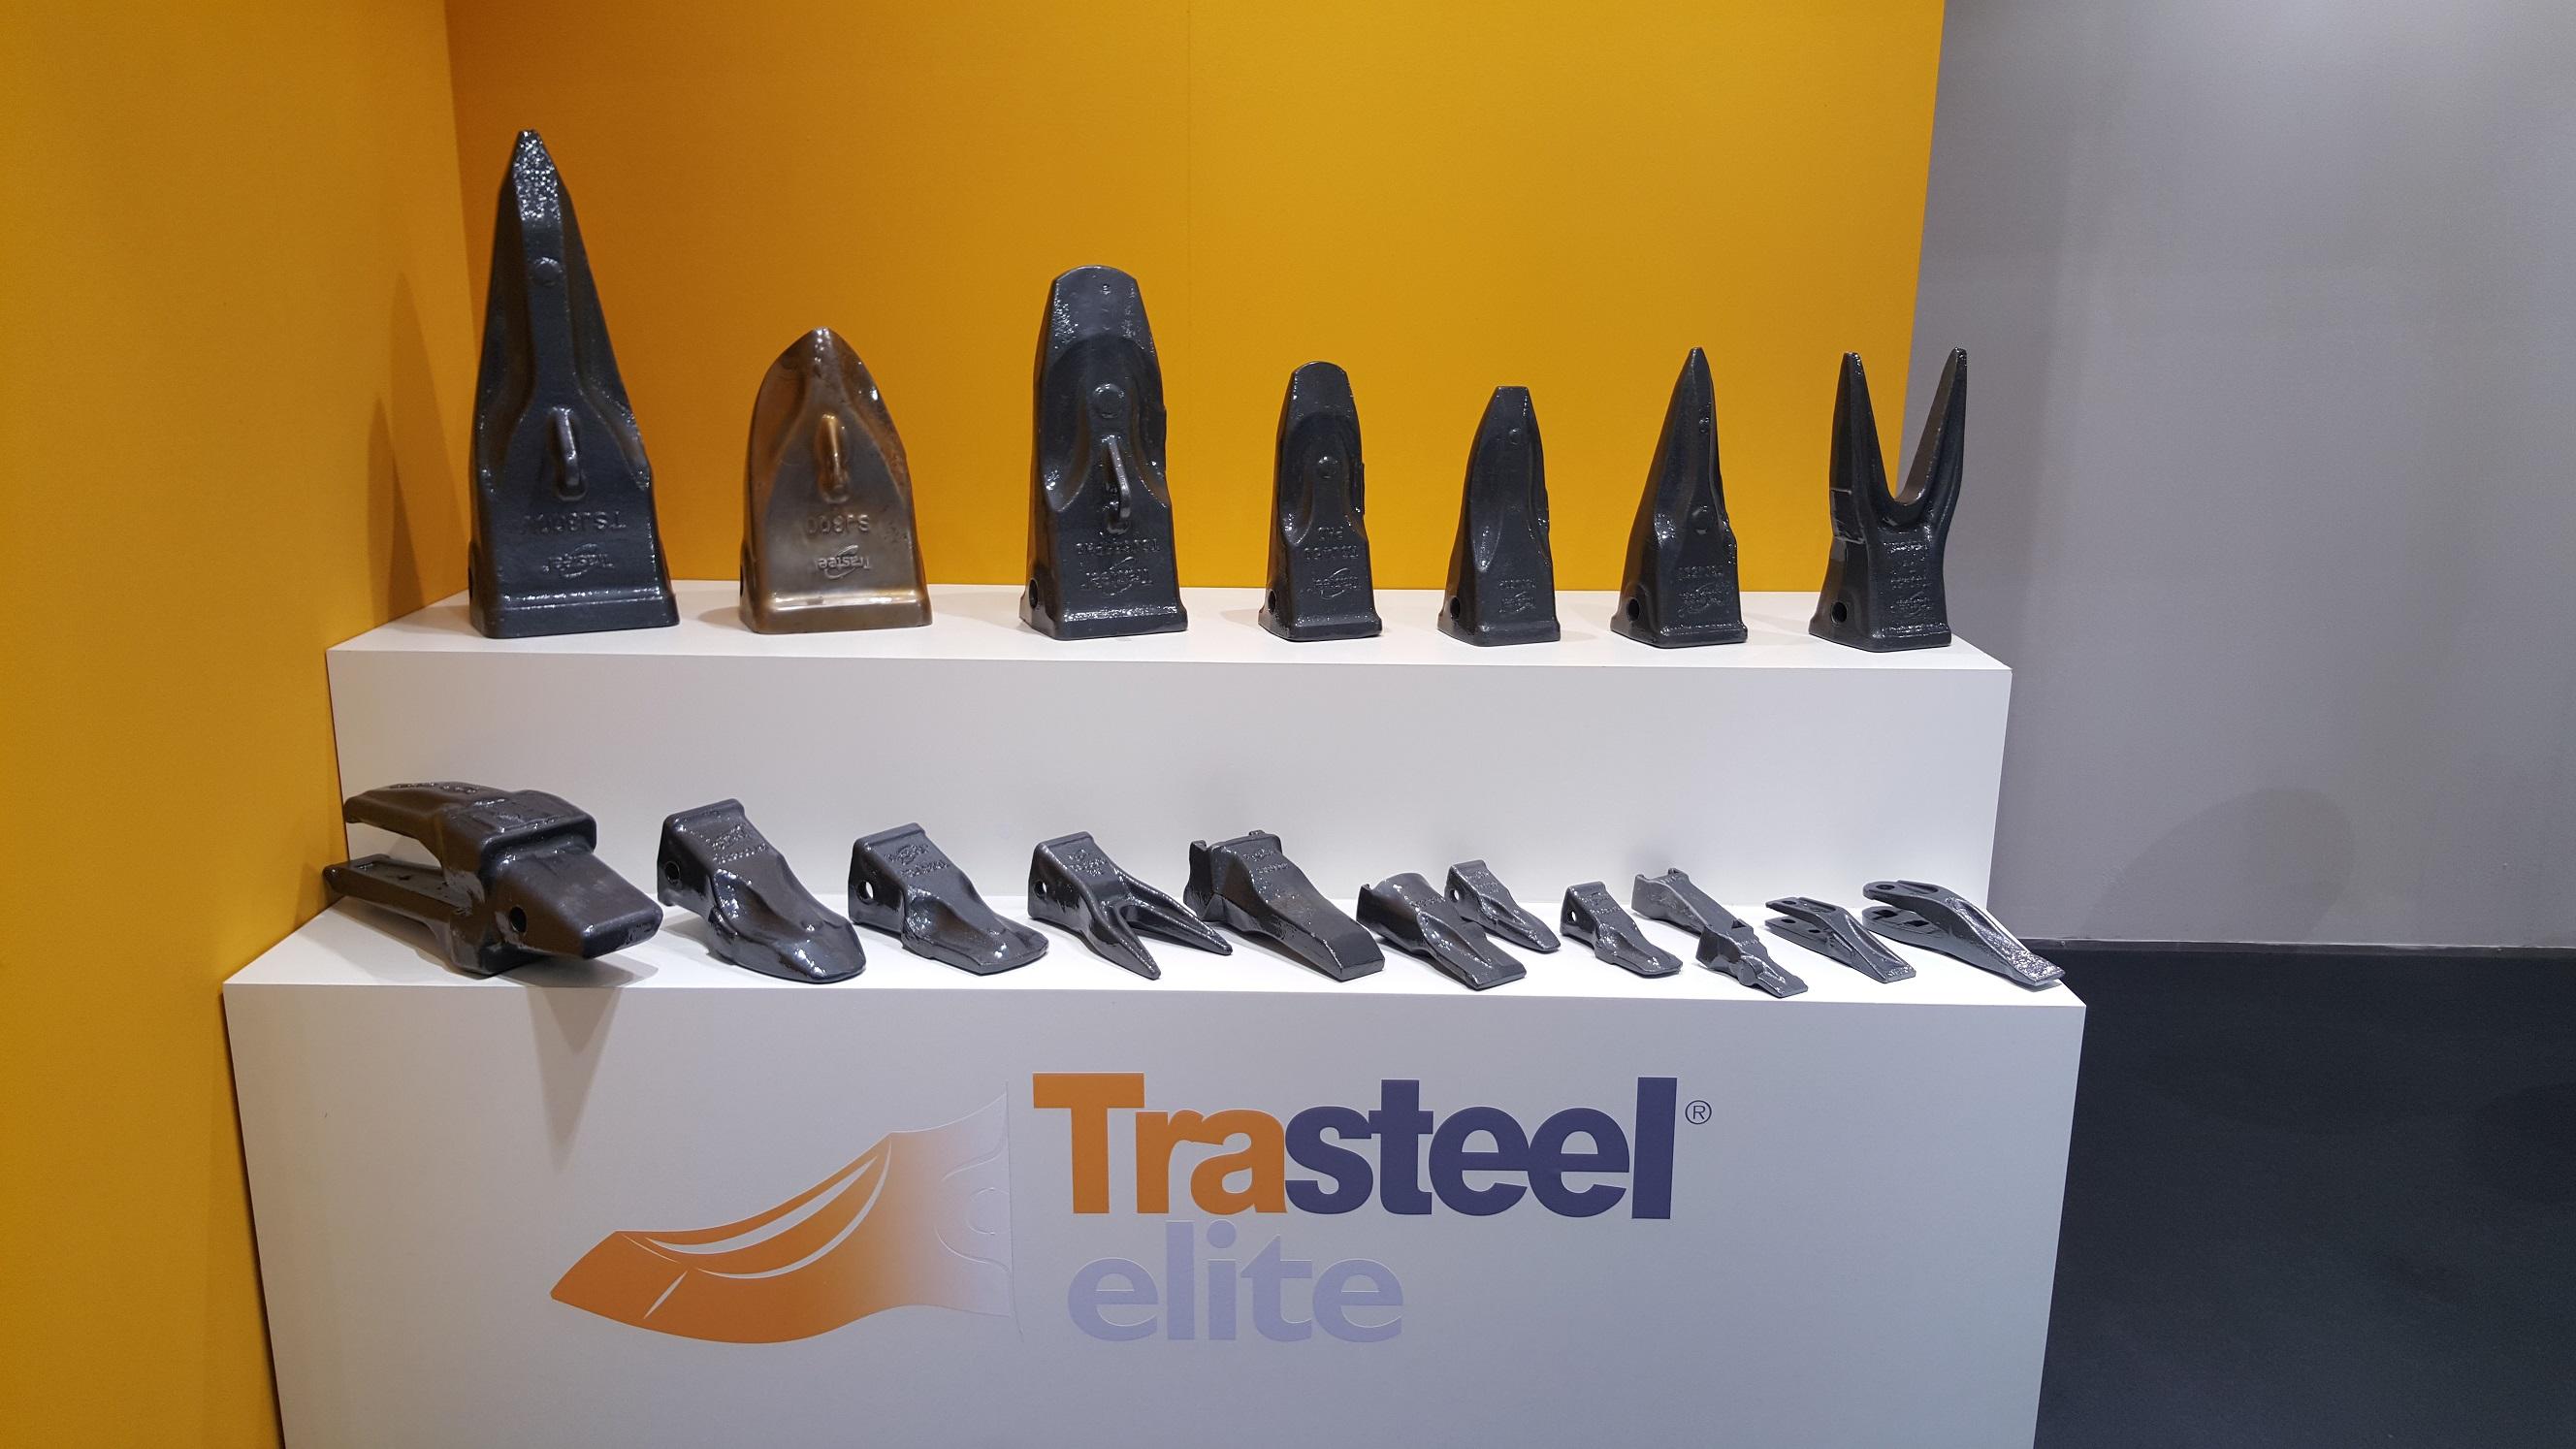 trasteel-elite-piezas-cohidrex.jpg